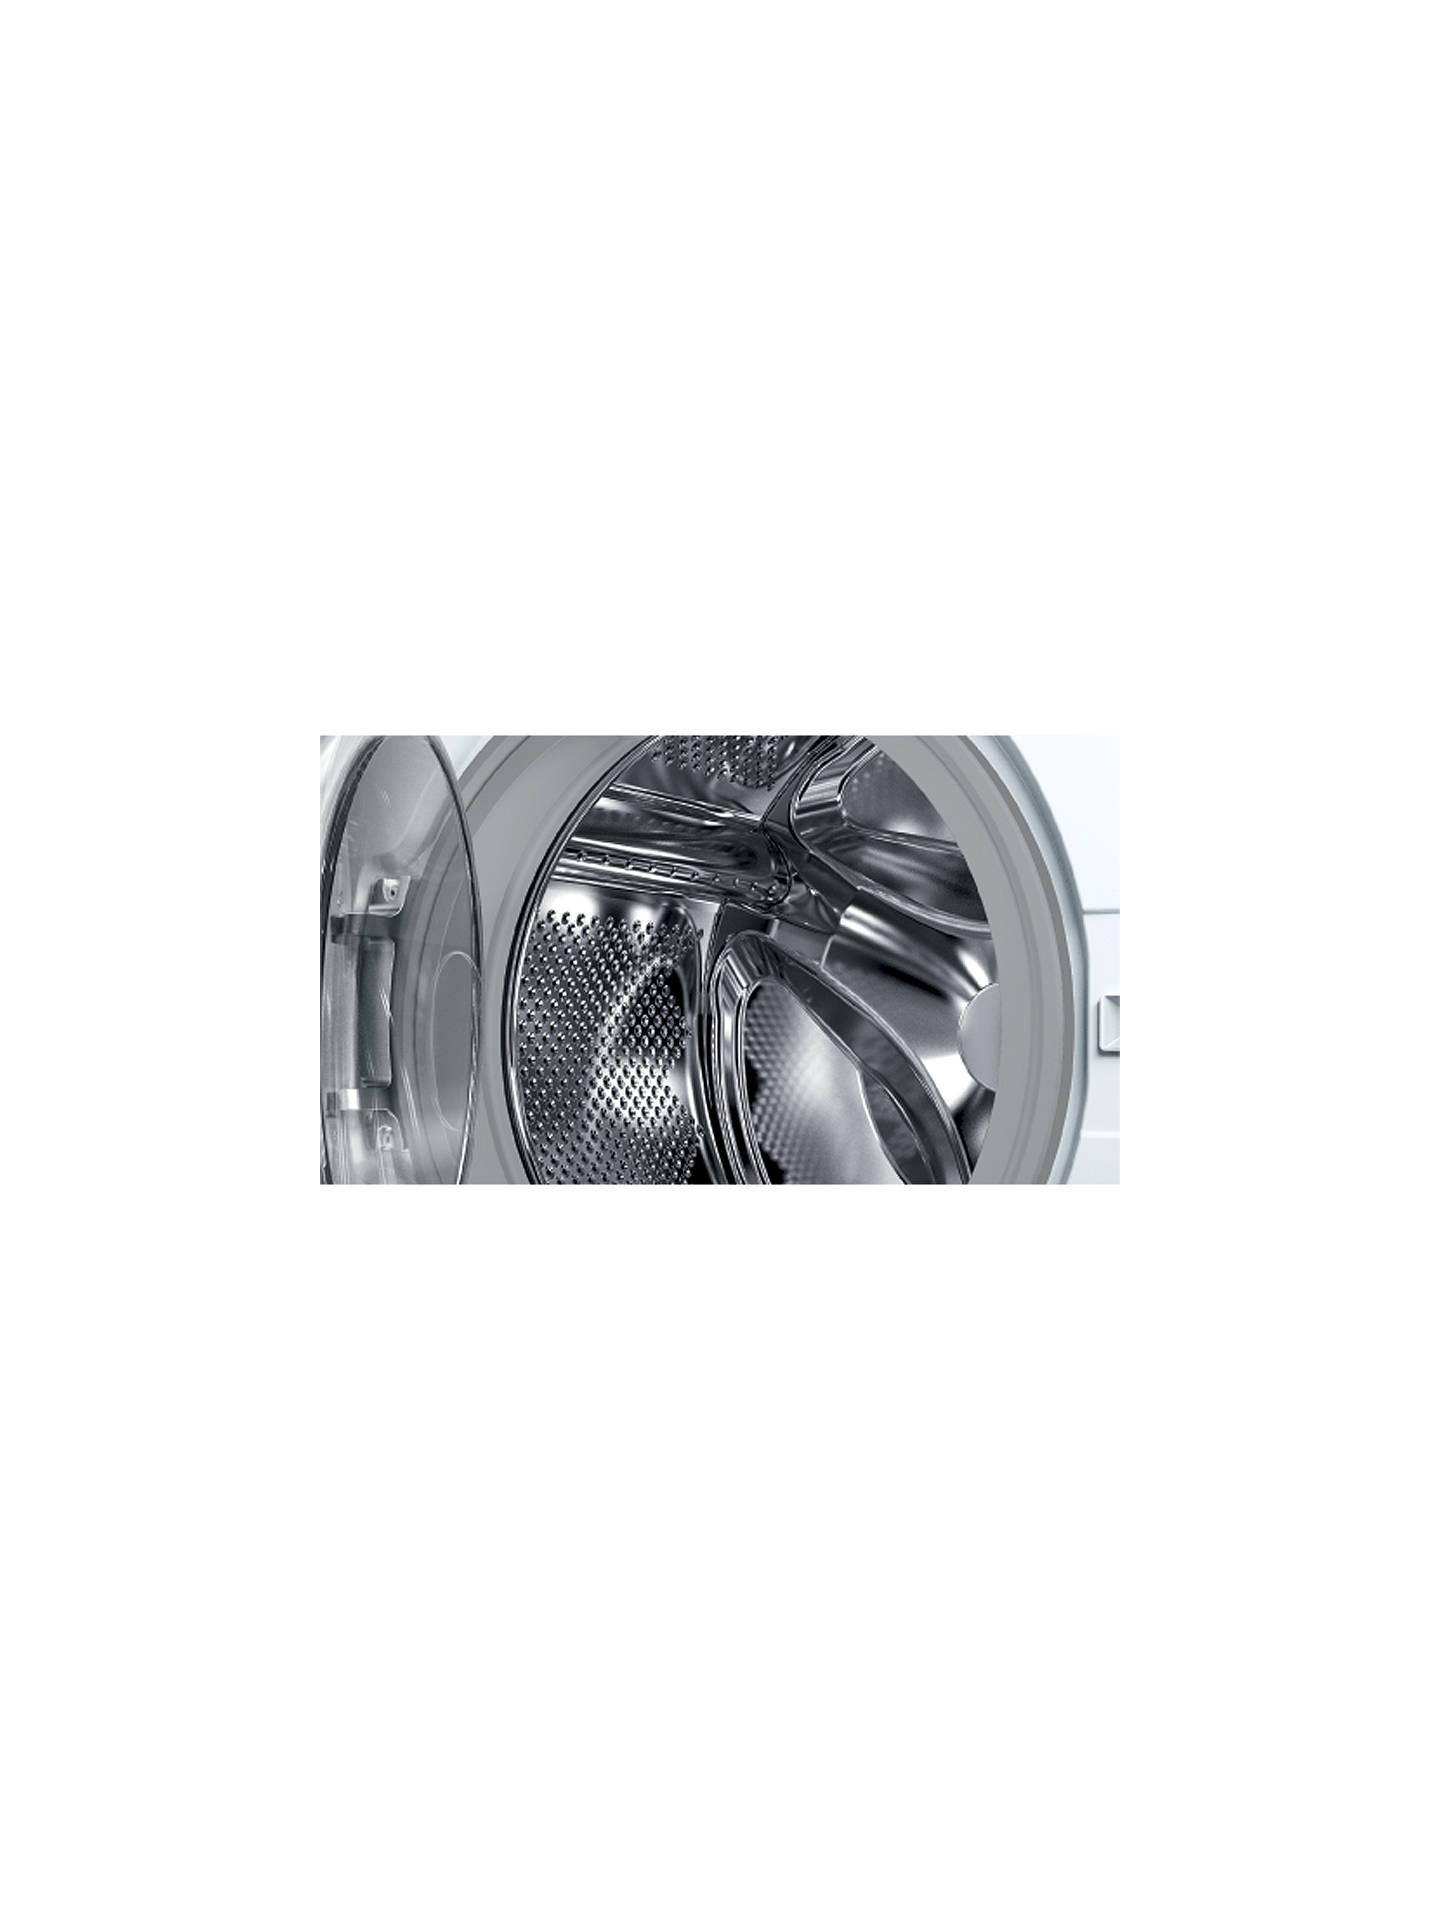 Bosch Classixx WAE28369GB Washing Machine, 7kg Load, A+++